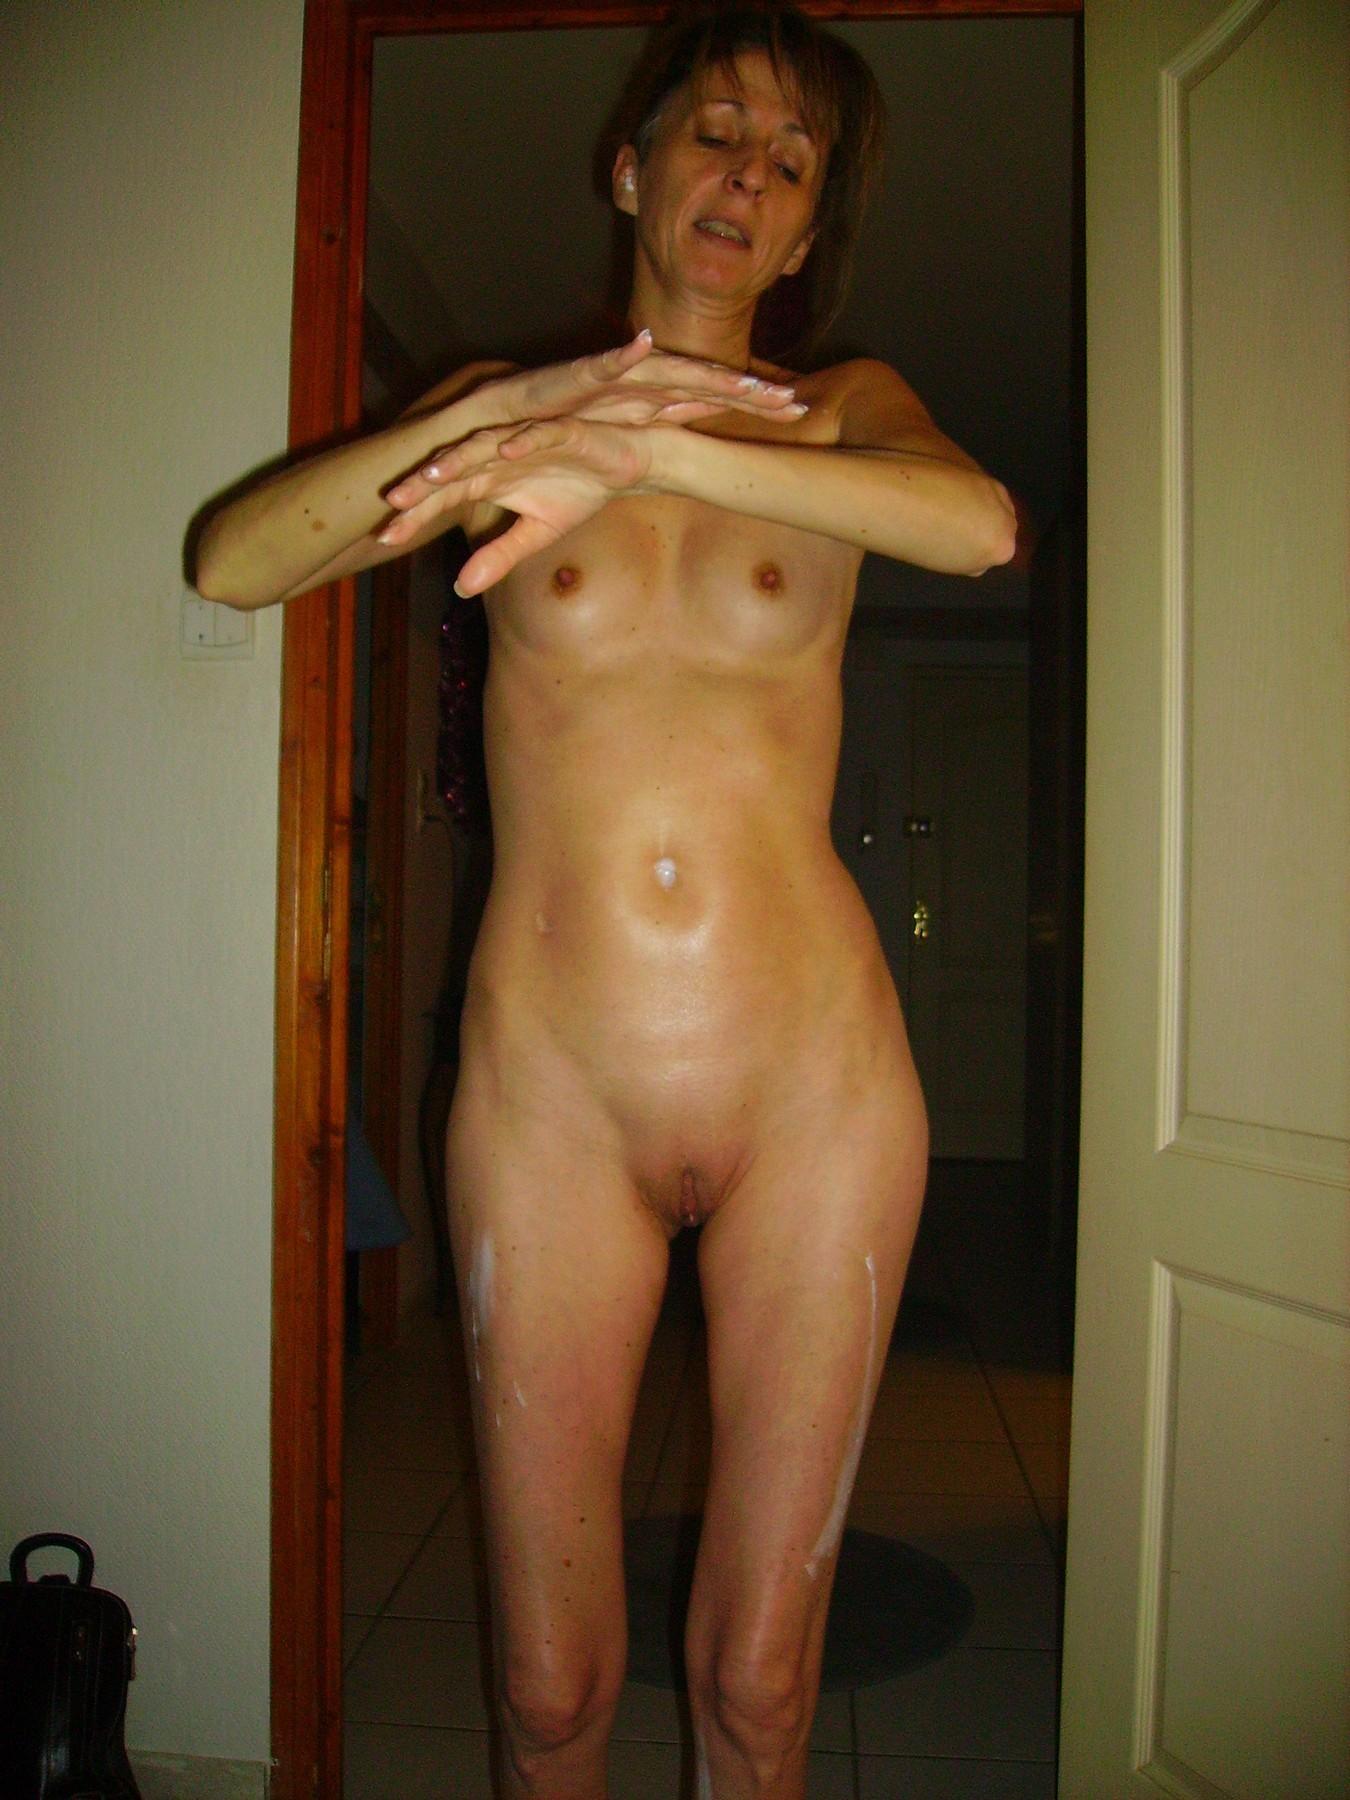 Смотреть самое некрасивое порно в интернете, сногсшибательная голая красотка